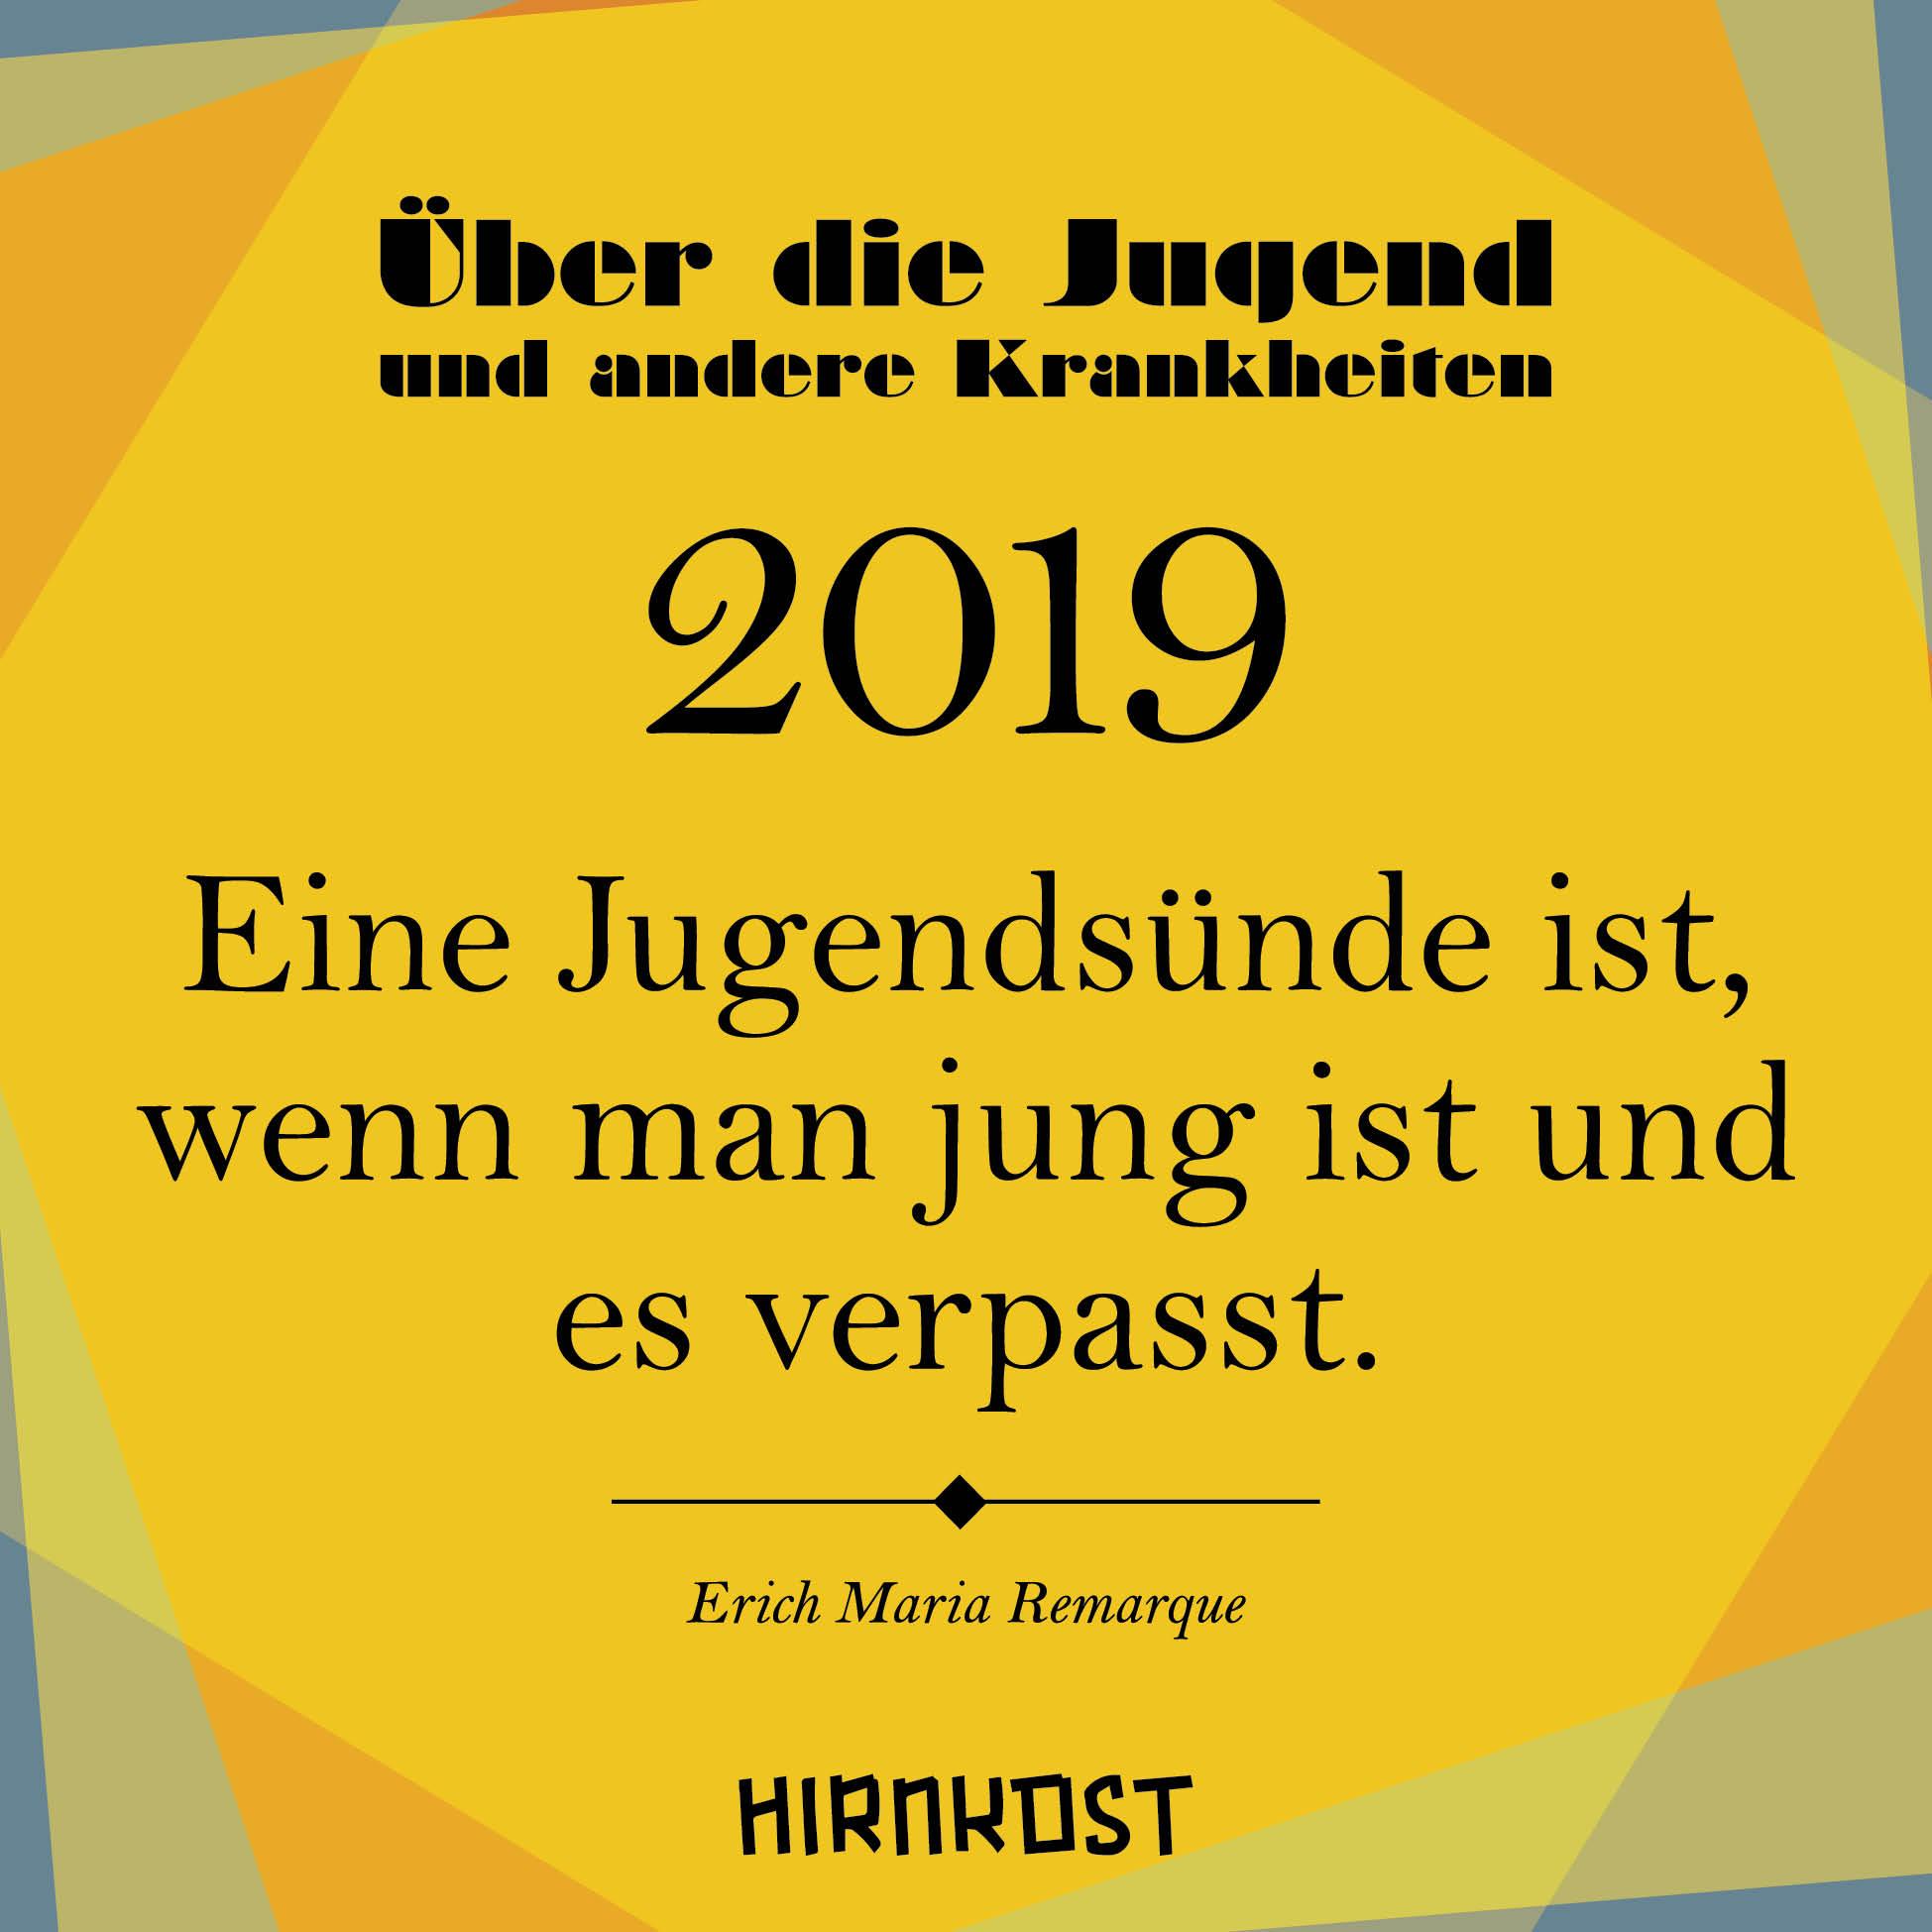 Kalender – Über die Jugend 2019